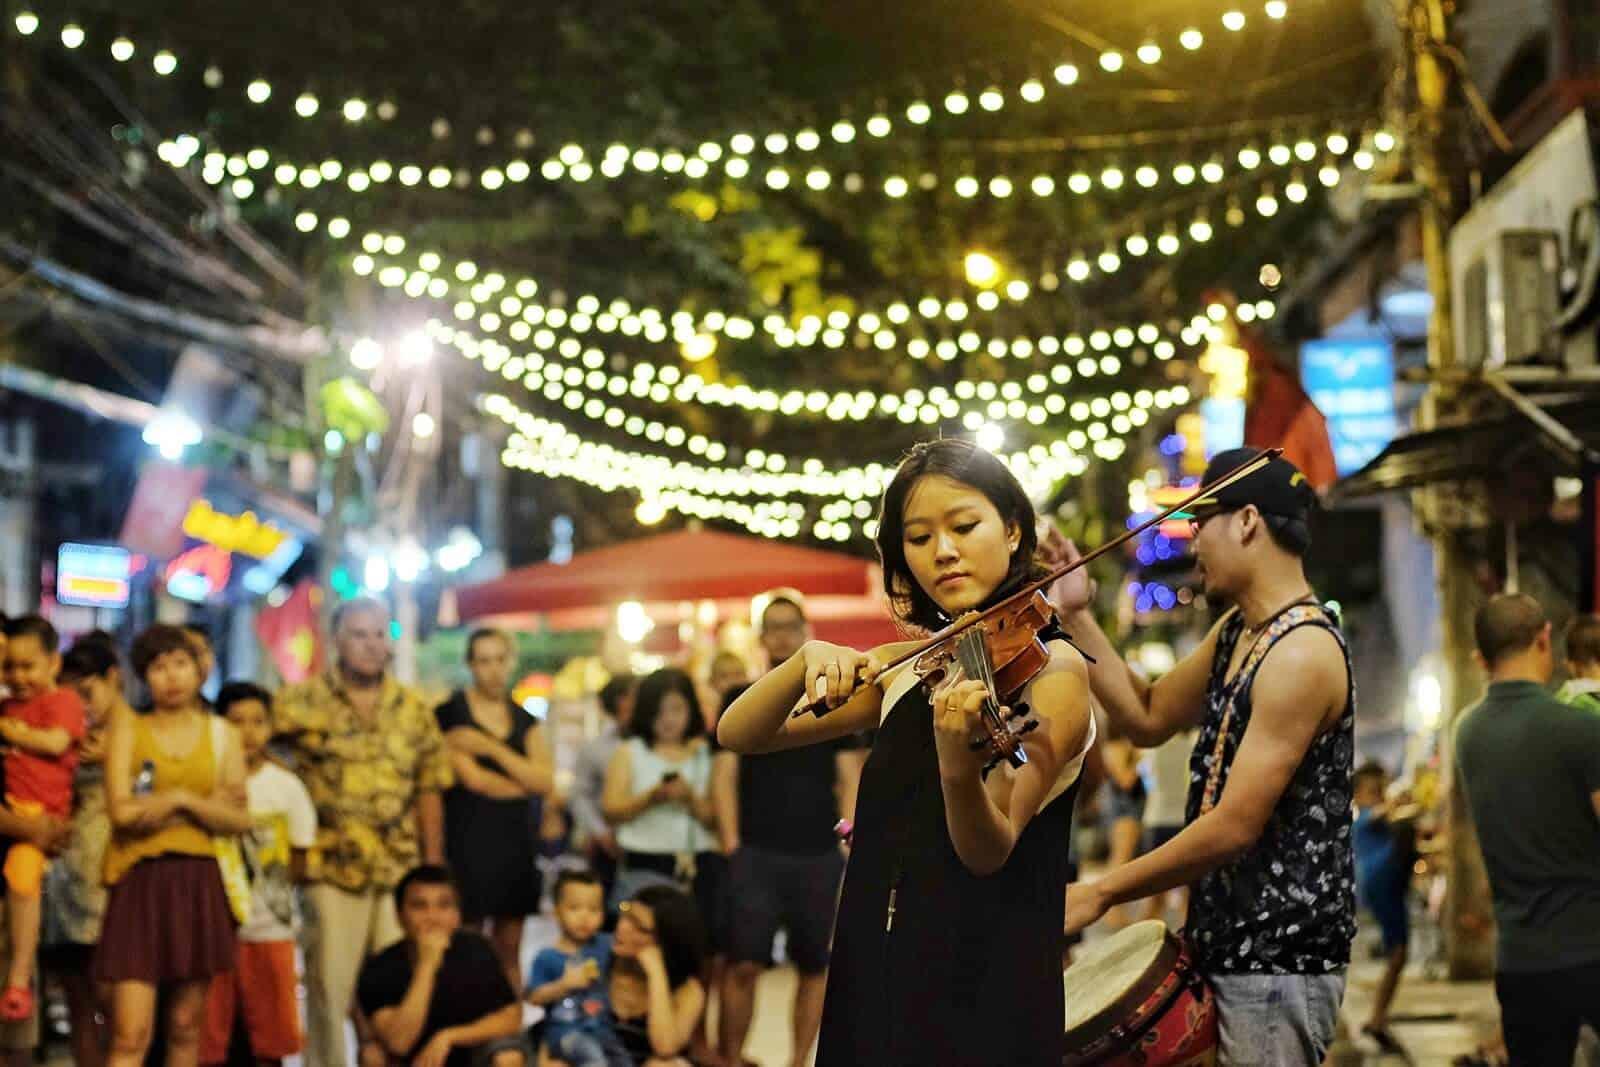 Biểu diễn ca nhạc nghệ thuật ở phố đi bộ